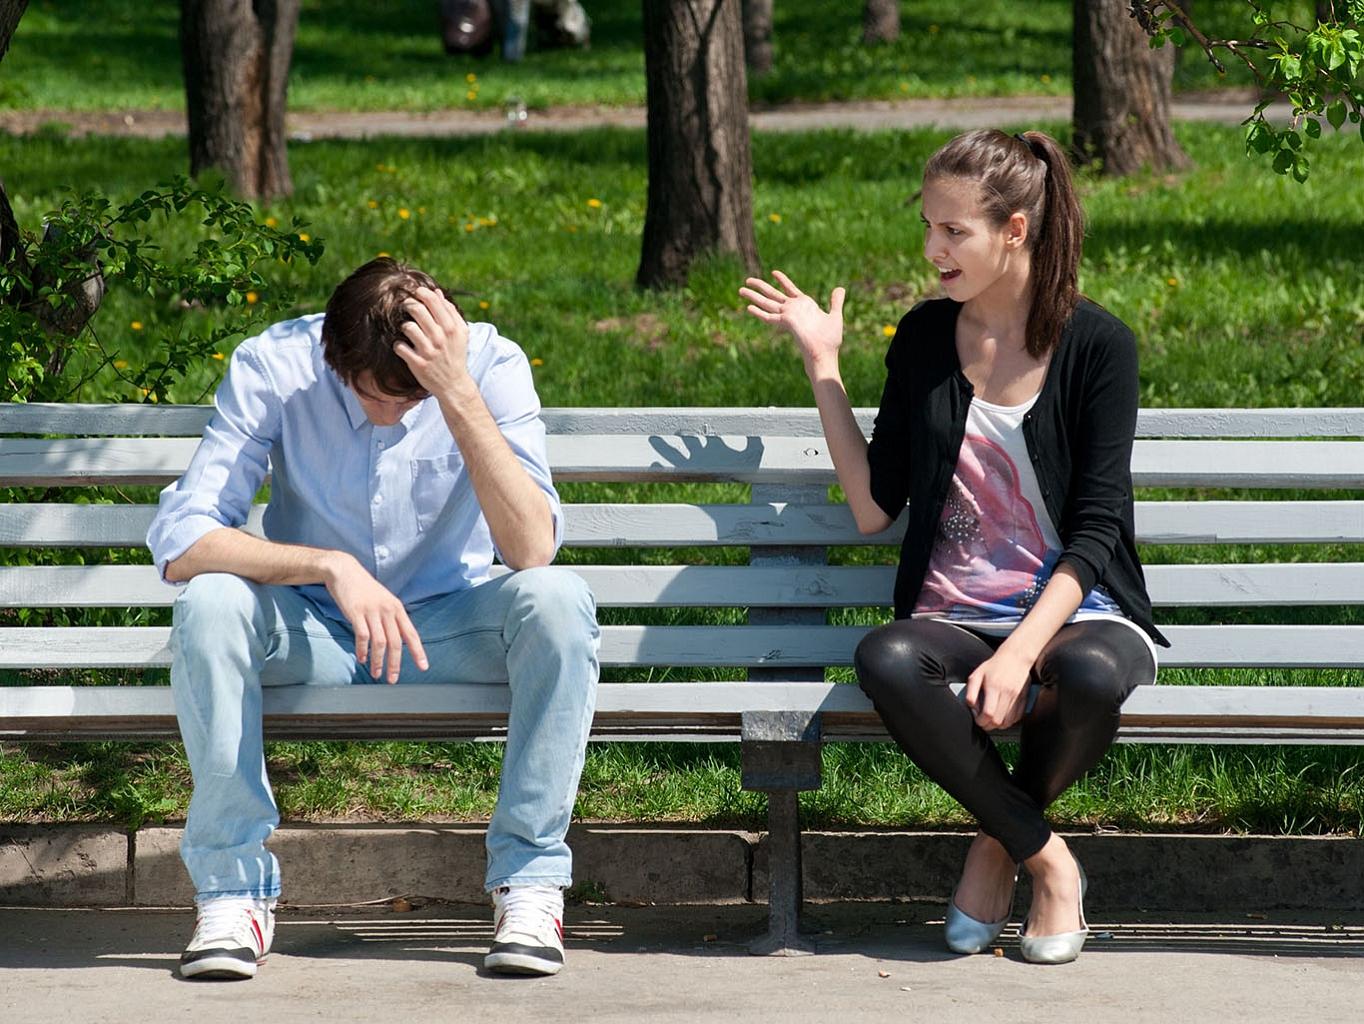 Как сделать чтобы бывший парень моей девушки отстал от нее